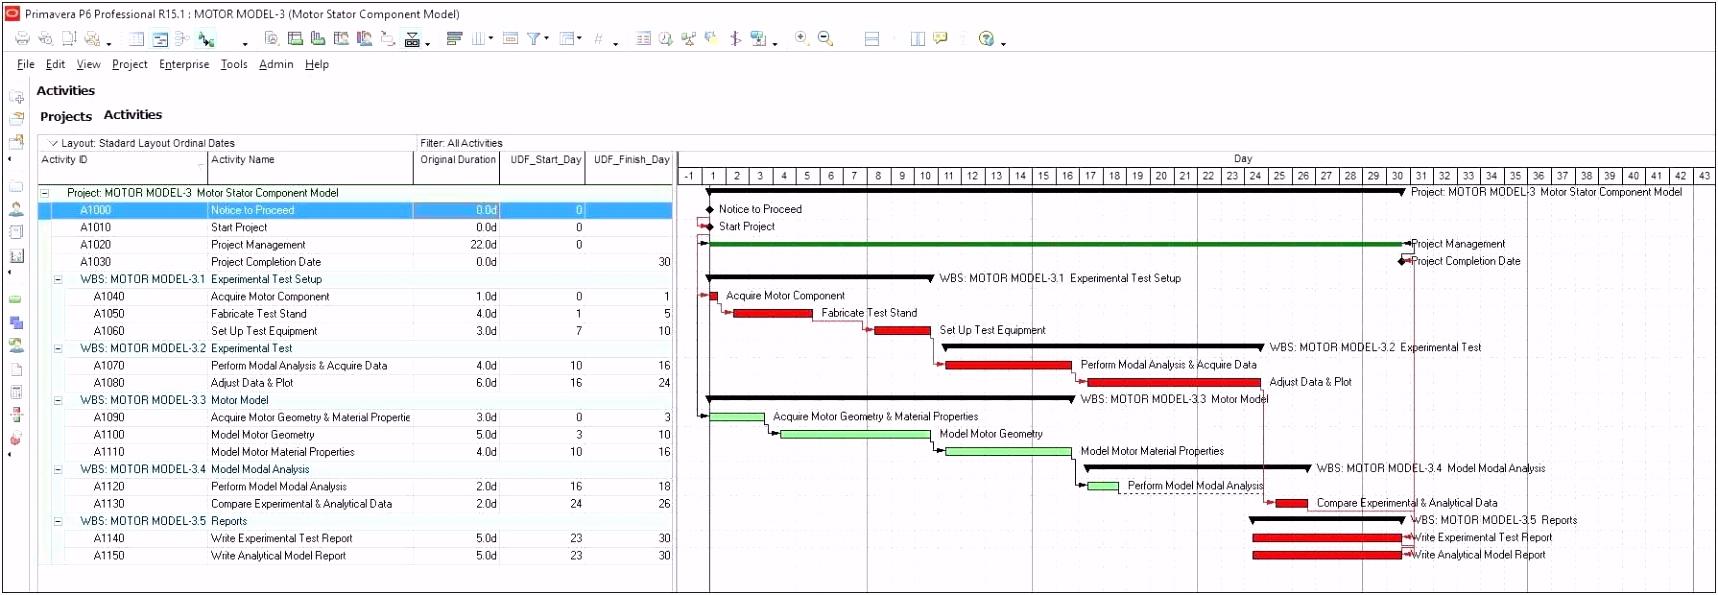 Projektplan Excel Vorlage Kostenlos Gantt Diagramm Excel Vorlage Vorlage Gantt Diagramm Excel G7go20era4 Huoevvstu2